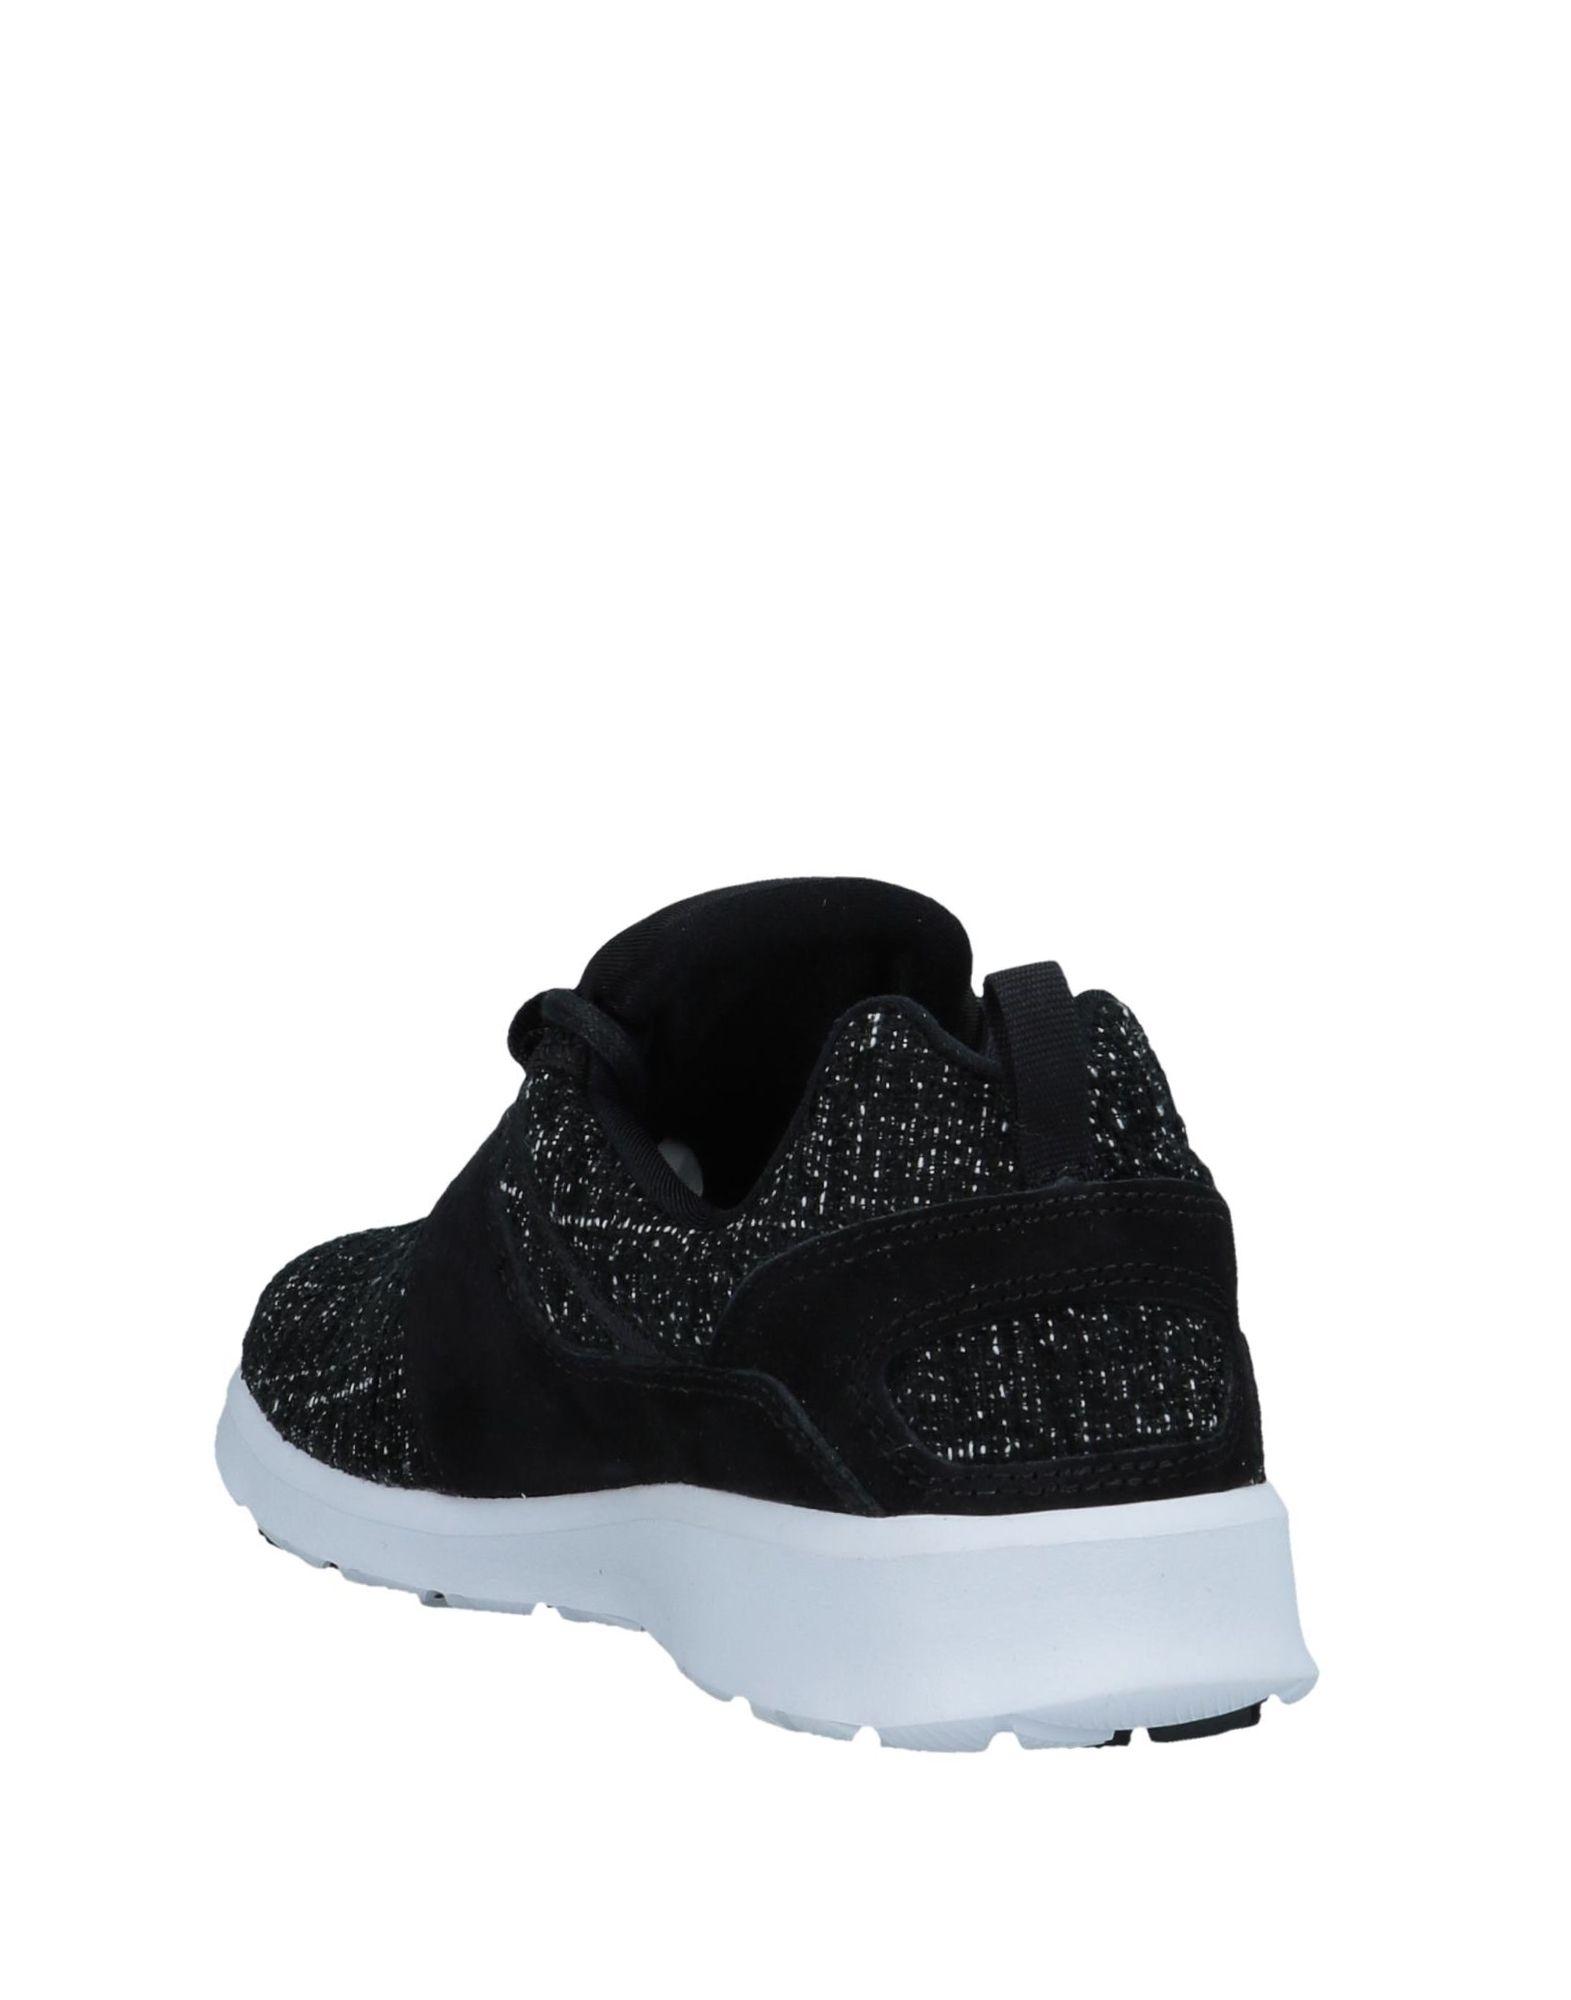 Rabatt Shoecousa echte Schuhe Dc Shoecousa Rabatt Sneakers Herren  11556043PW 871477